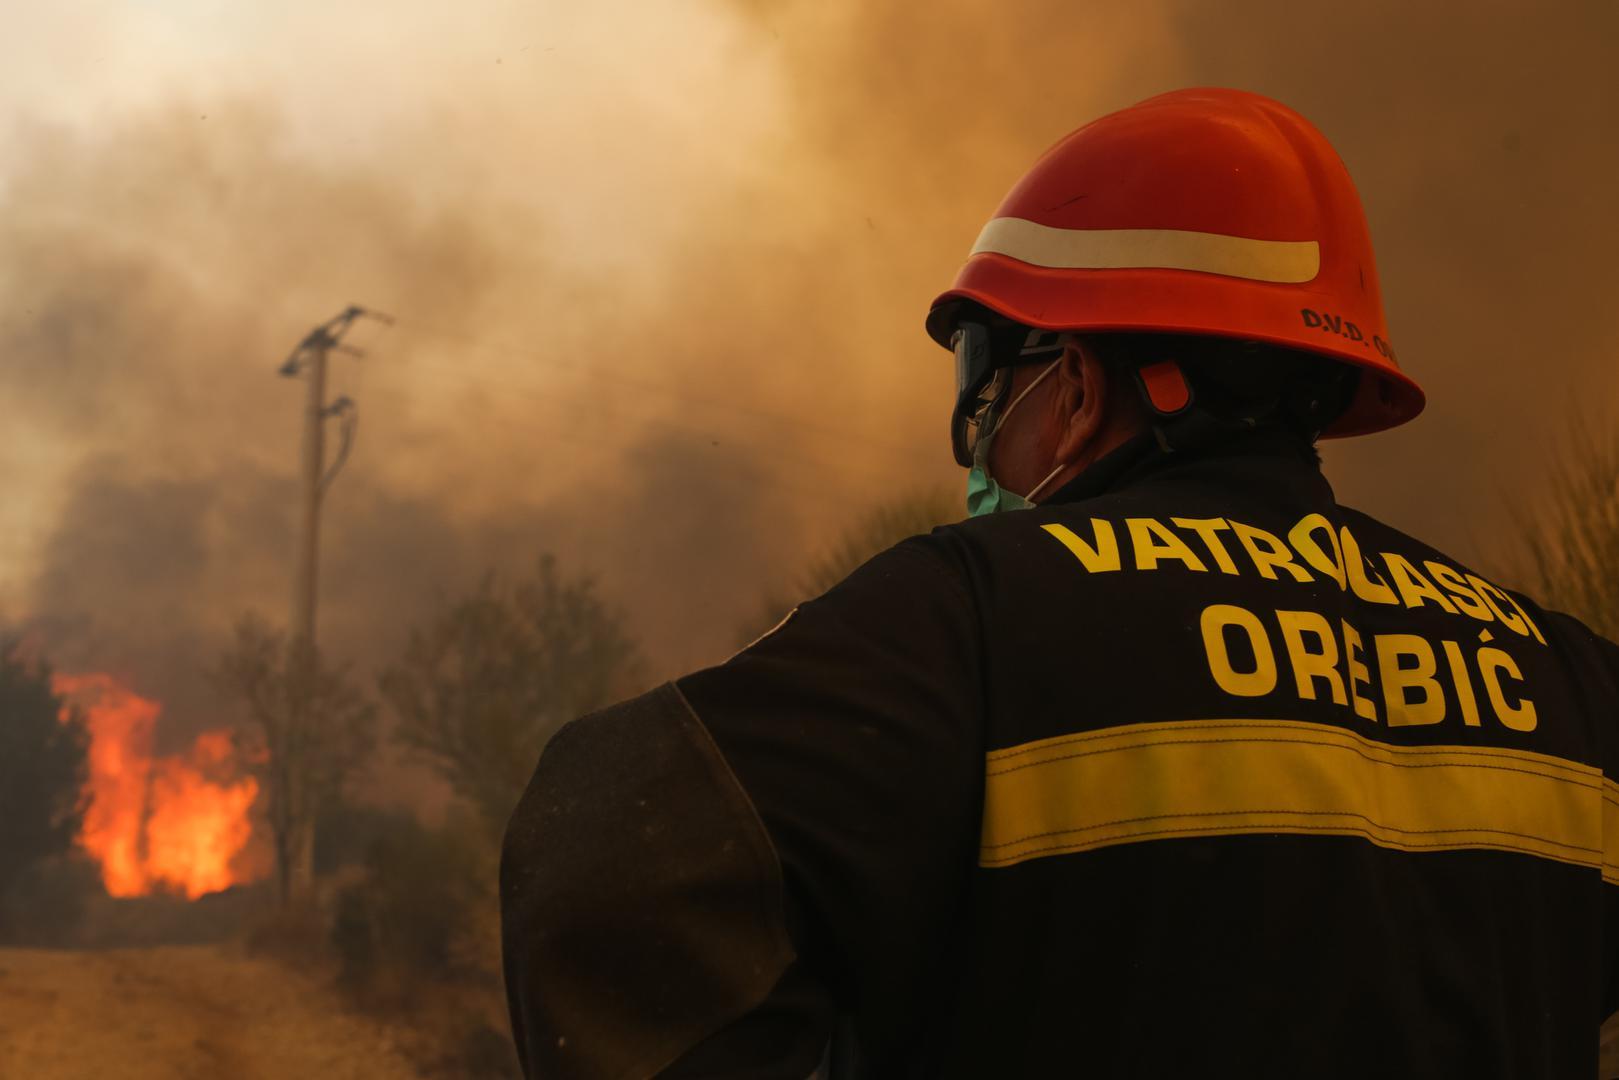 Požar kod Orebića ponovno se razbuktao, evakuirano 35 ljudi